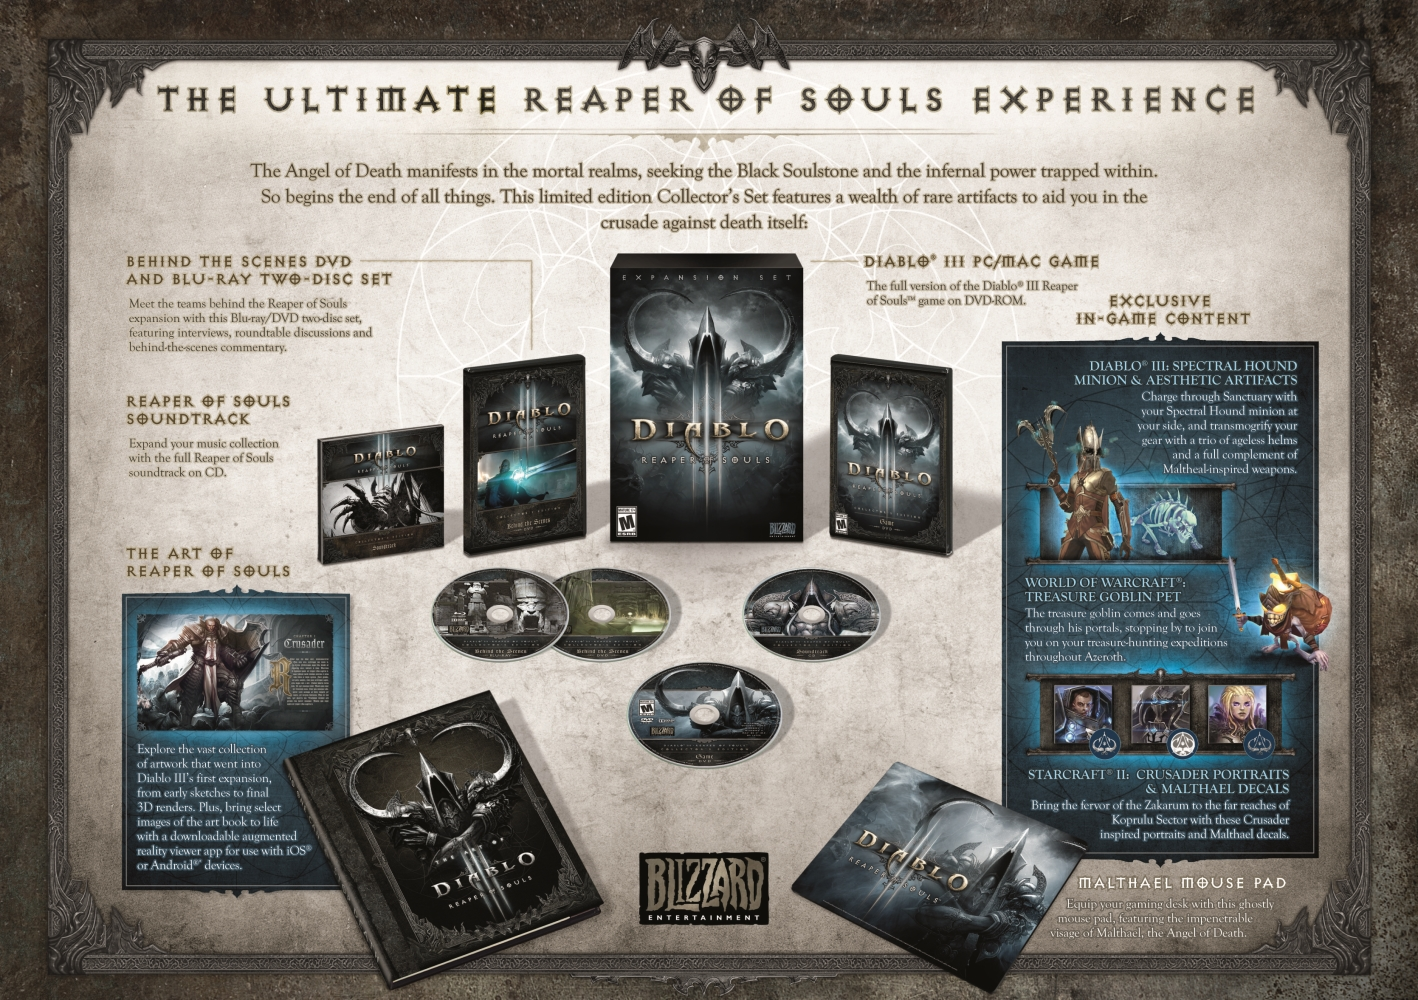 Blizzard prezentuje sběratelskou edici Diabla 3: Reaper of Souls 92746